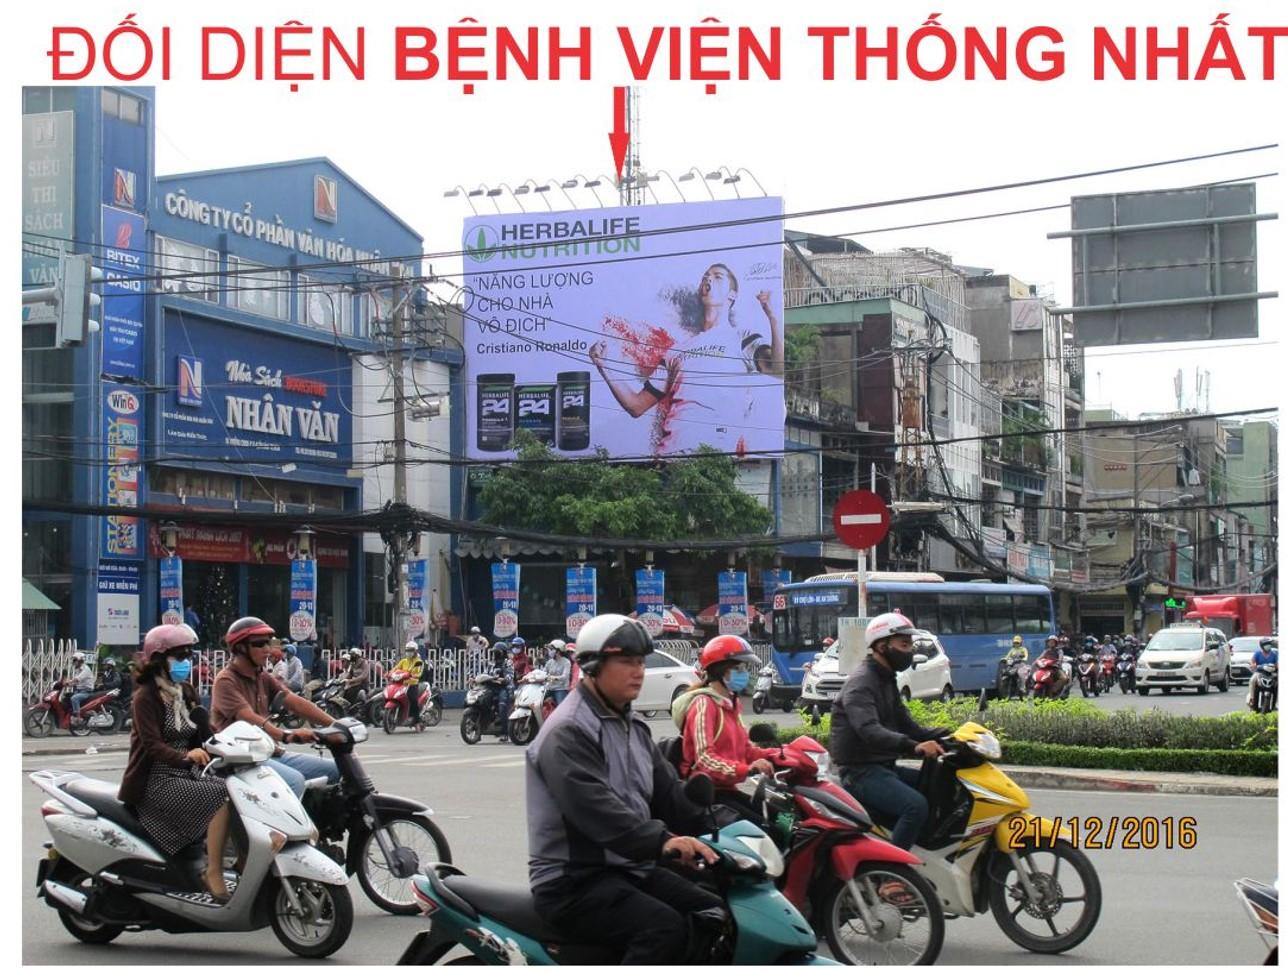 Ngã tư Bảy Hiền – Đầu đường Trường Chinh-HCM-TB-208